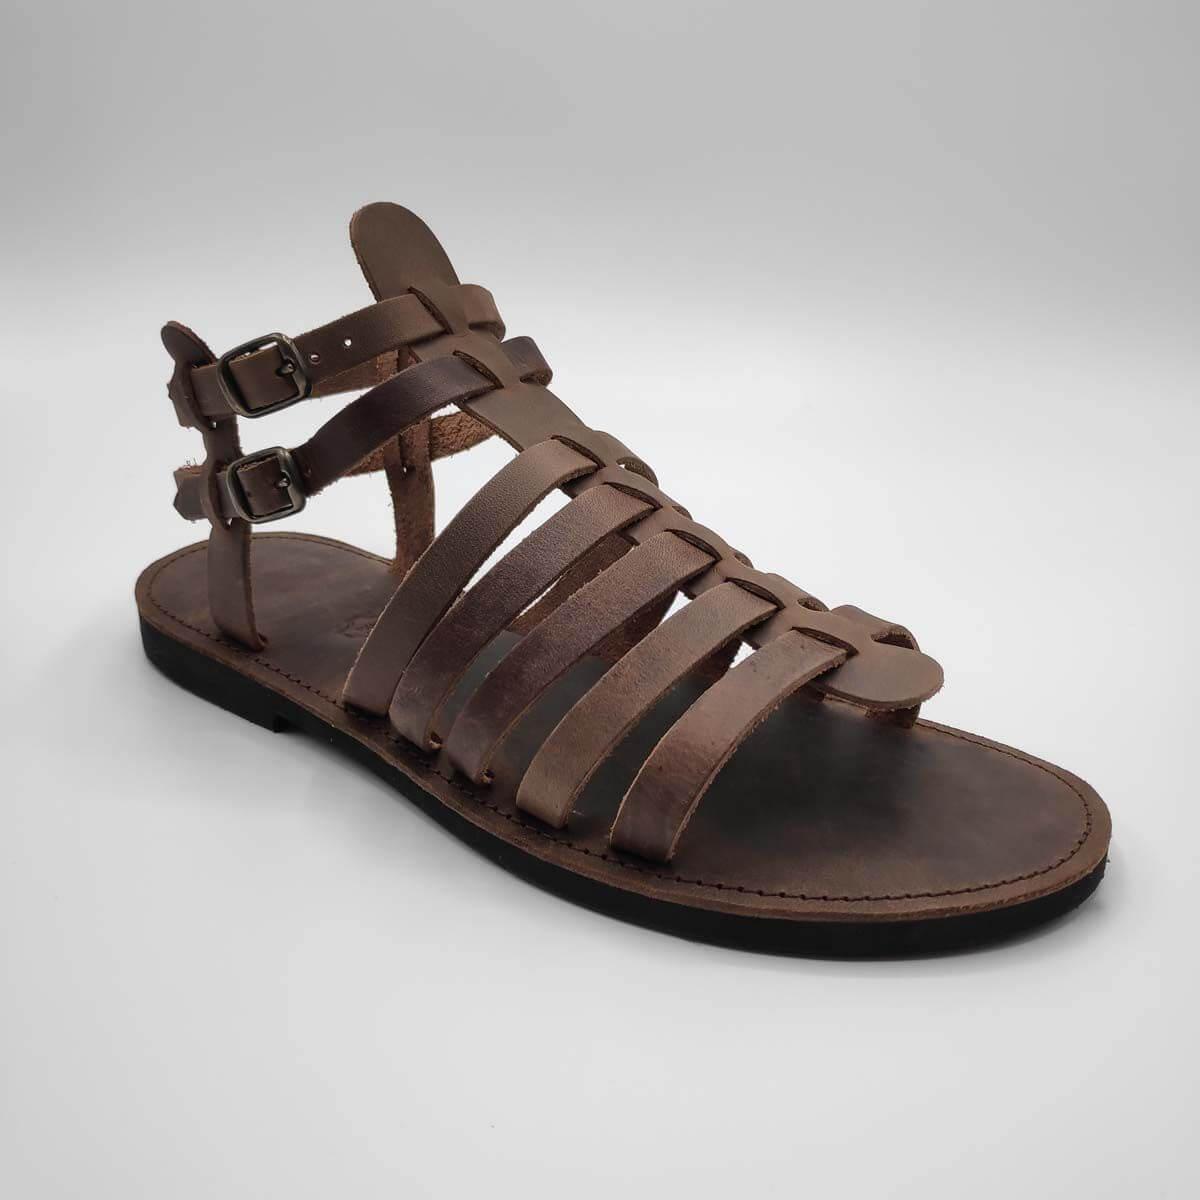 Gladiator Sandals for Men | Spartan Men | Leather Sandals | Pagonis Greek Sandals